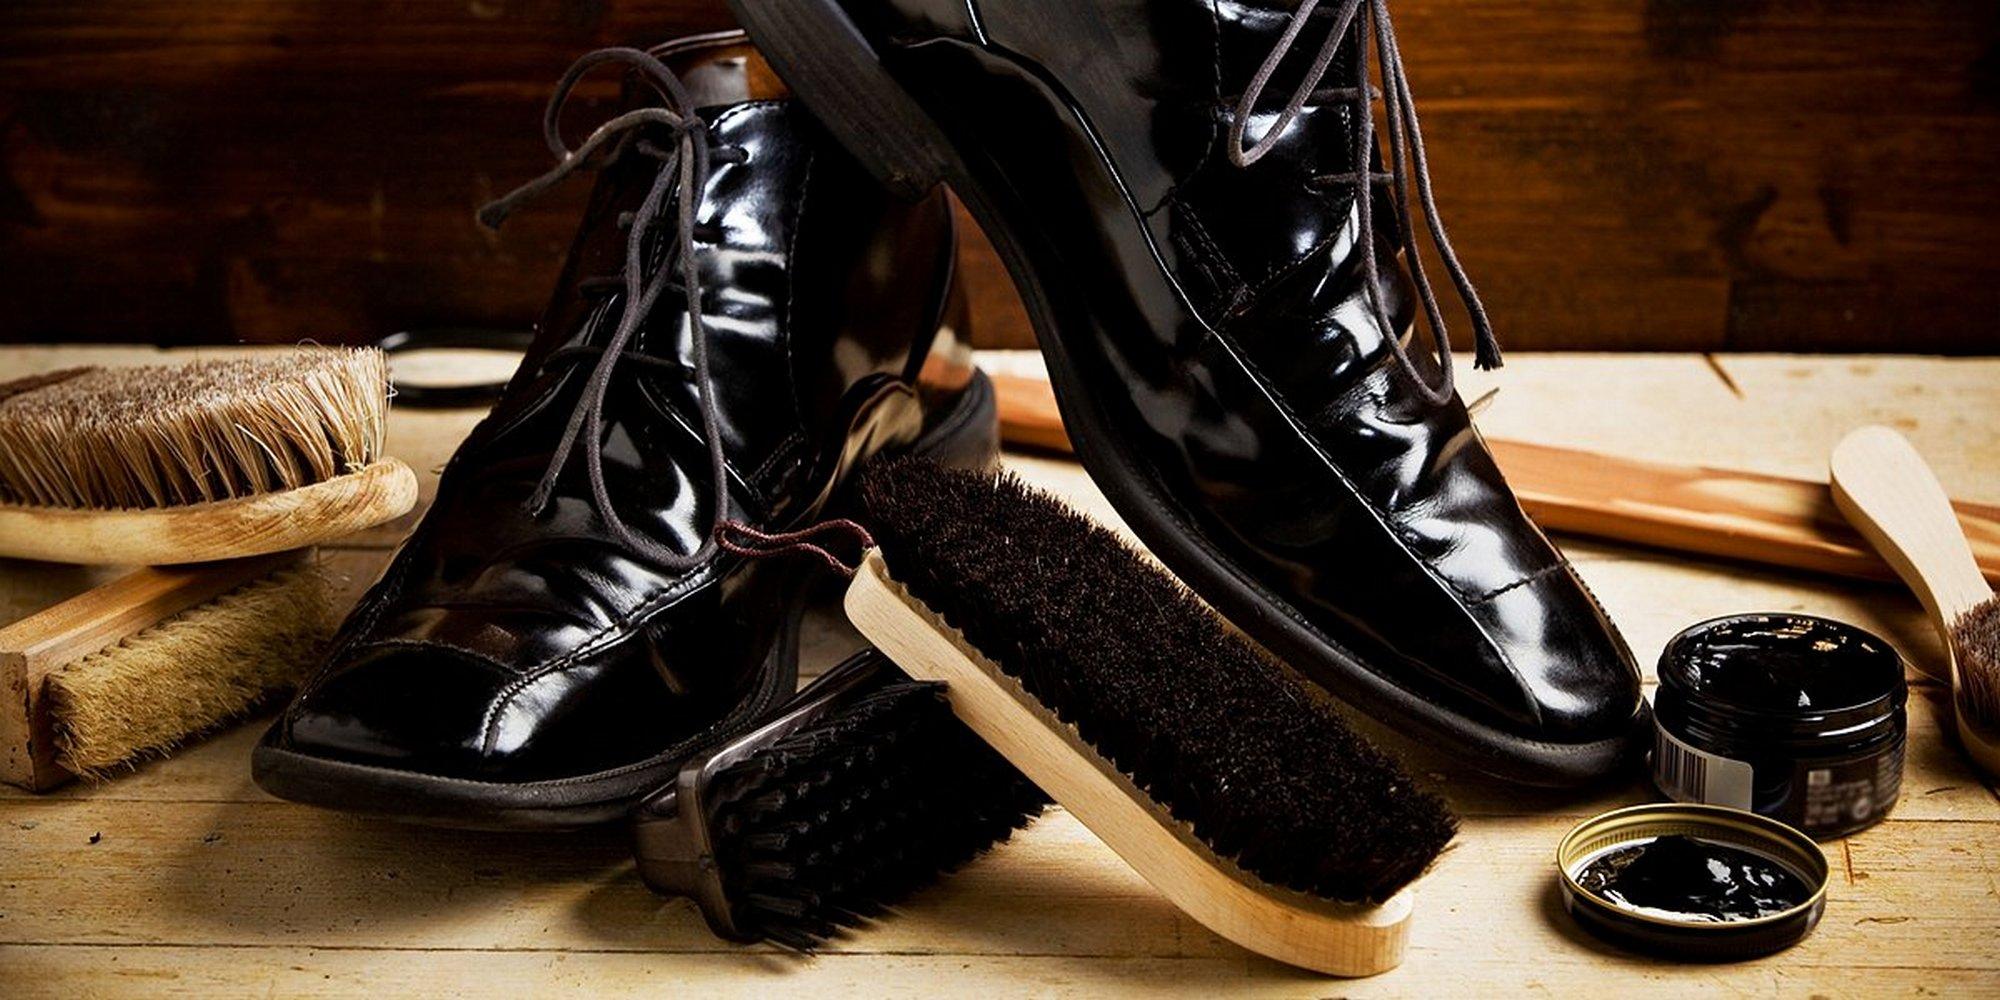 Pokaż mi swoje buty, a powiem ci kim jesteś - MrGentleman.pl